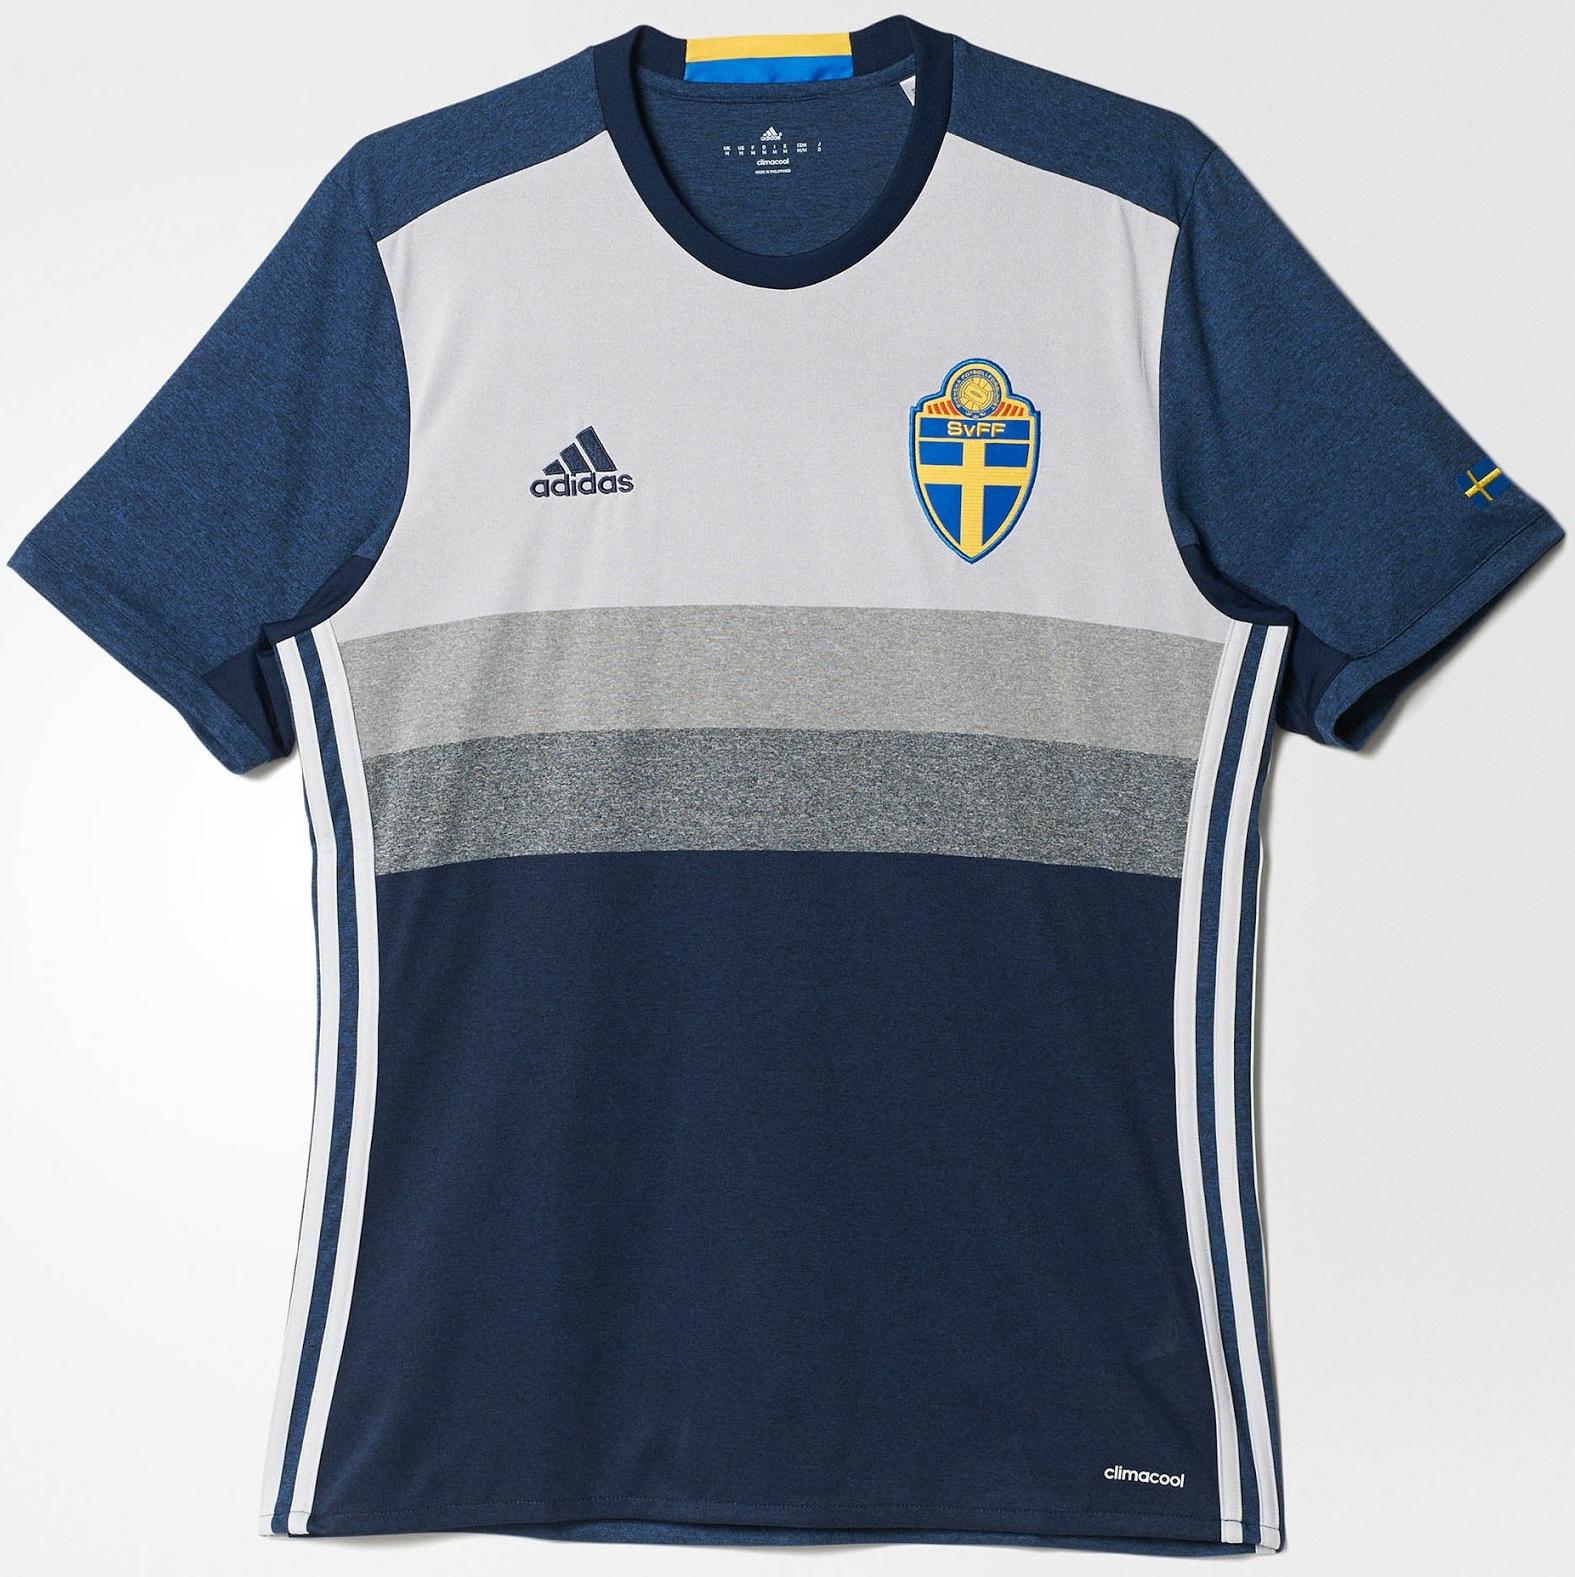 f4ab0578d9 Adidas apresenta nova camisa reserva da Suécia - Show de Camisas